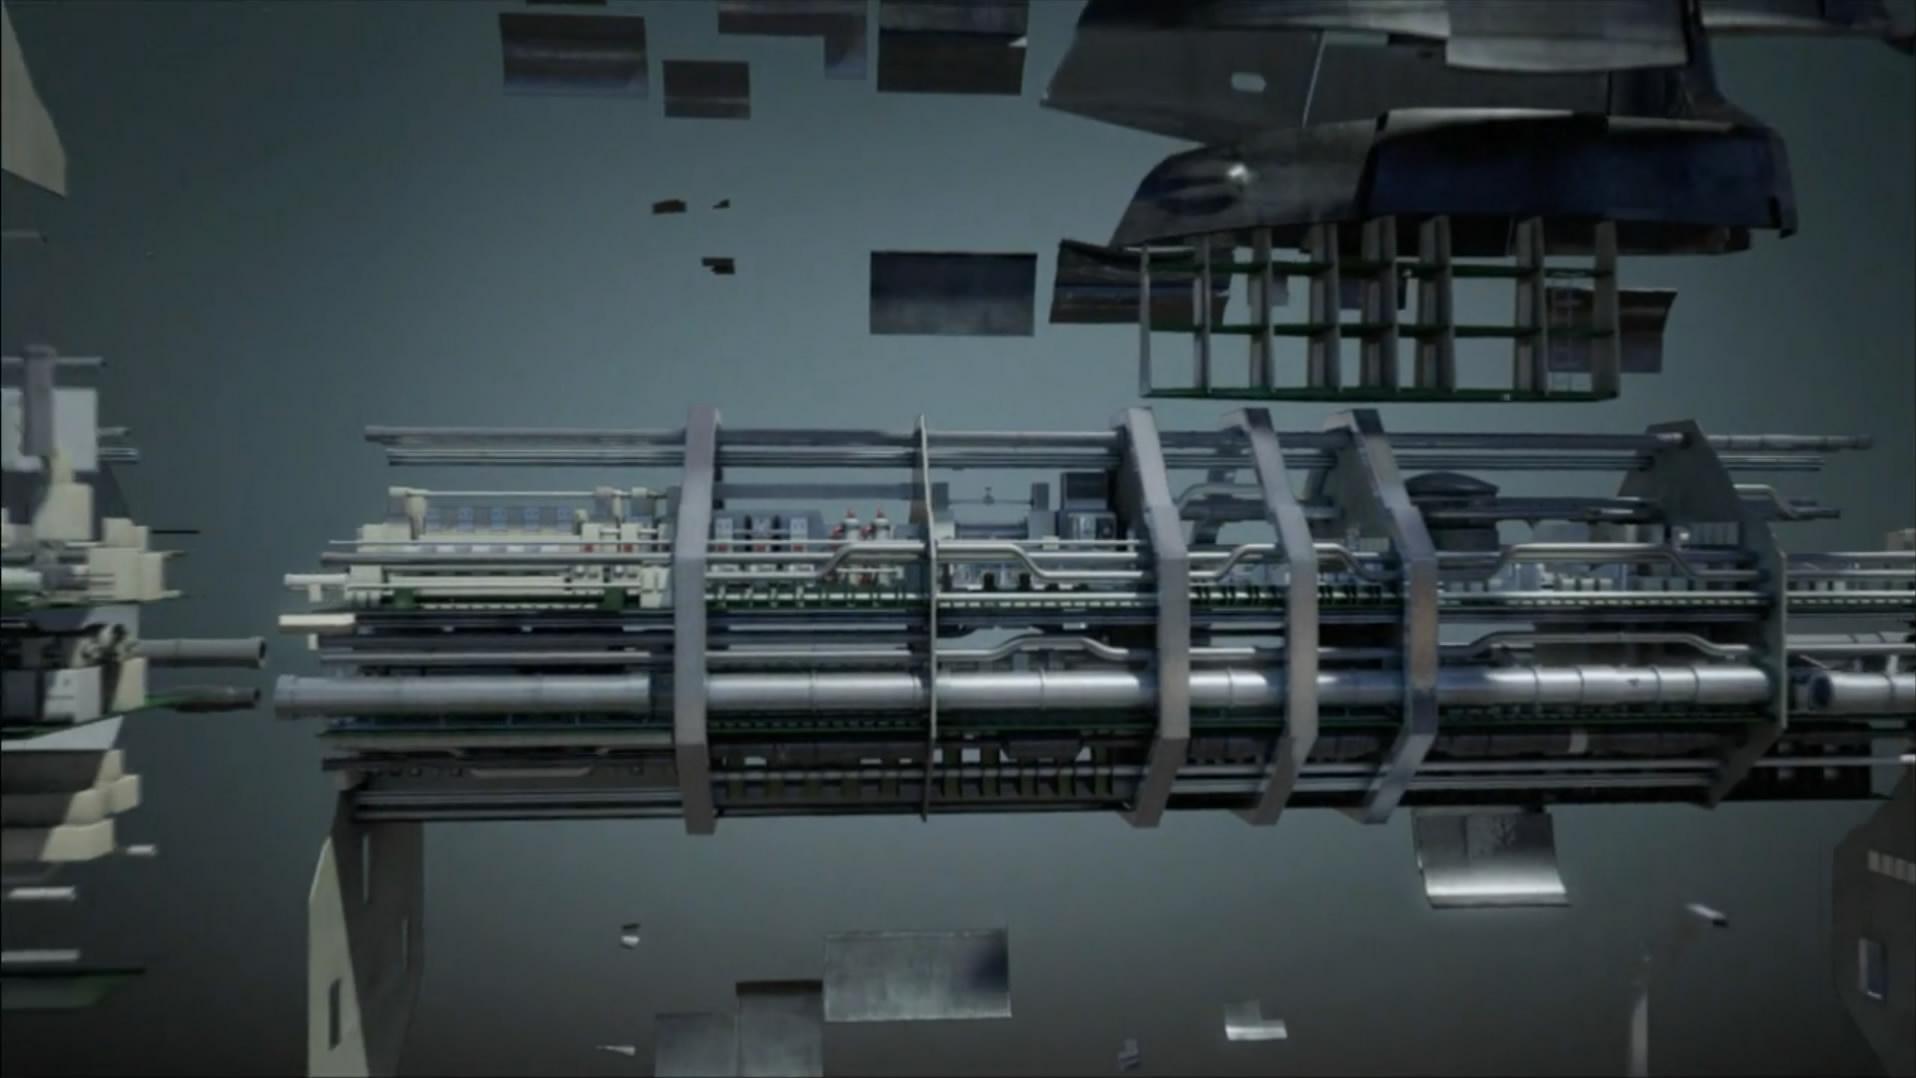 极品军事素材:潜艇的结构